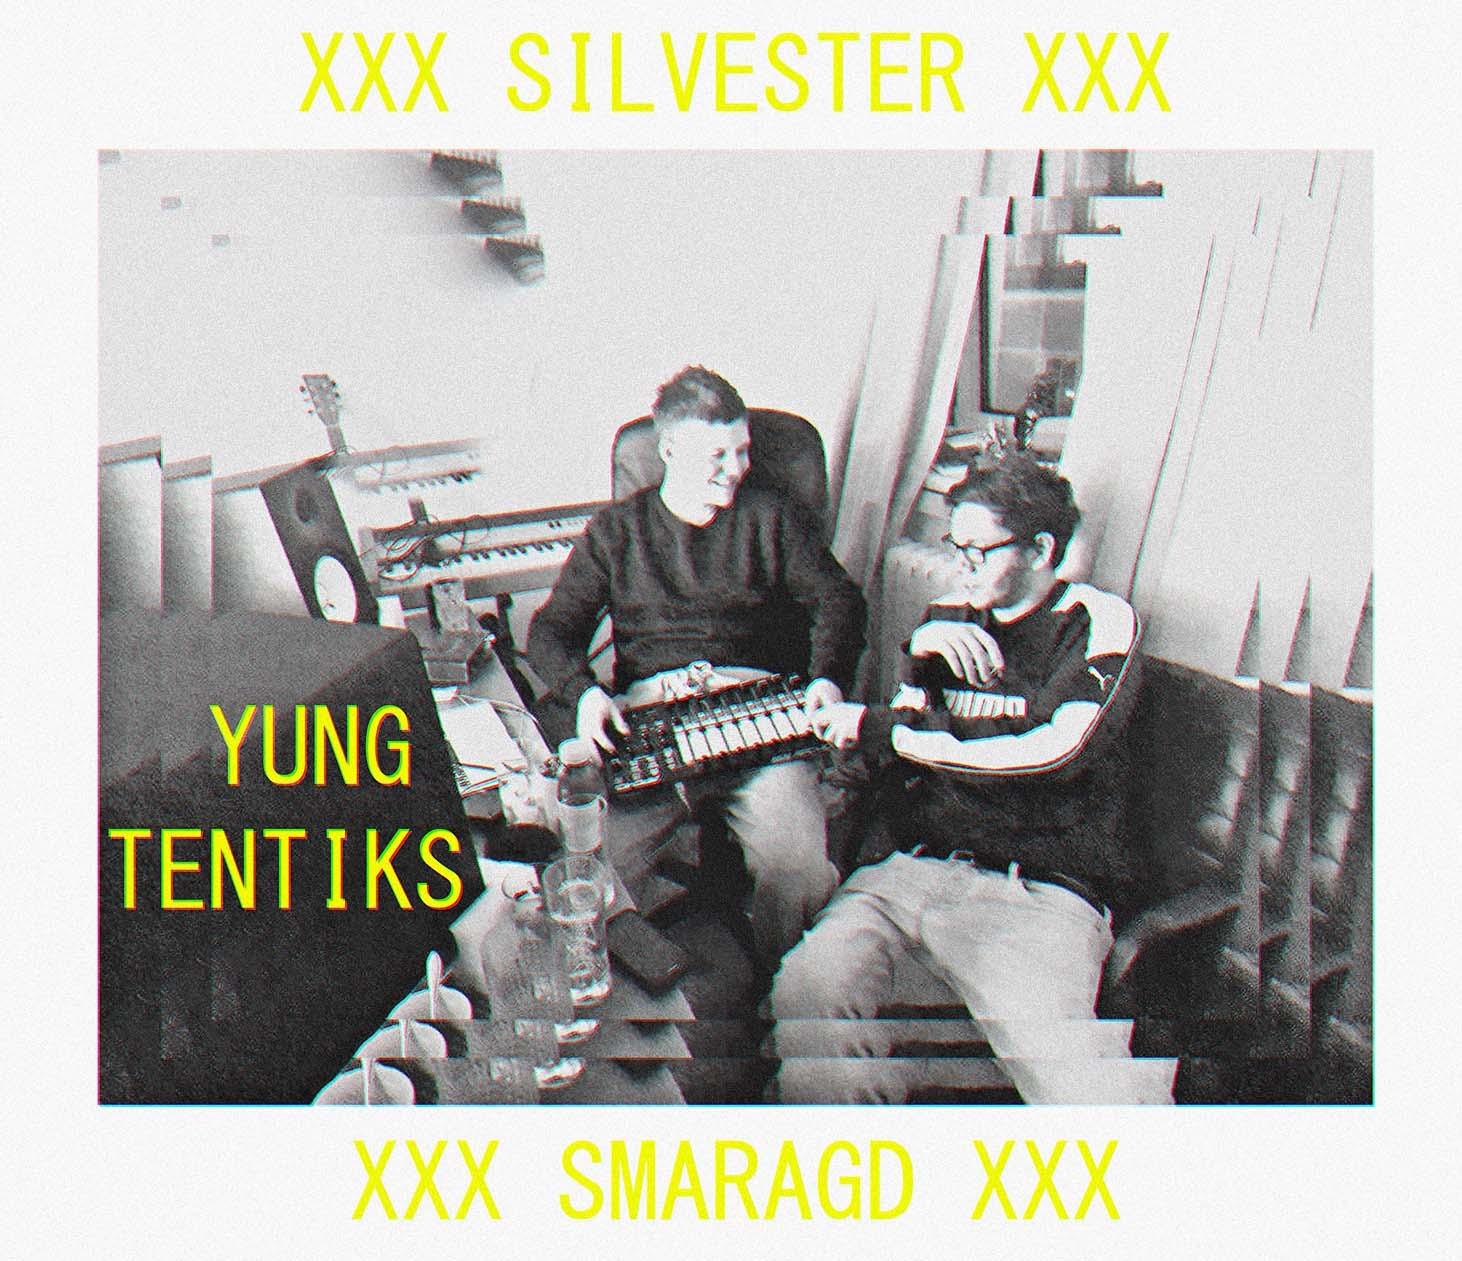 Cultur Cafe Smaragd Linz-Yung Tentiks